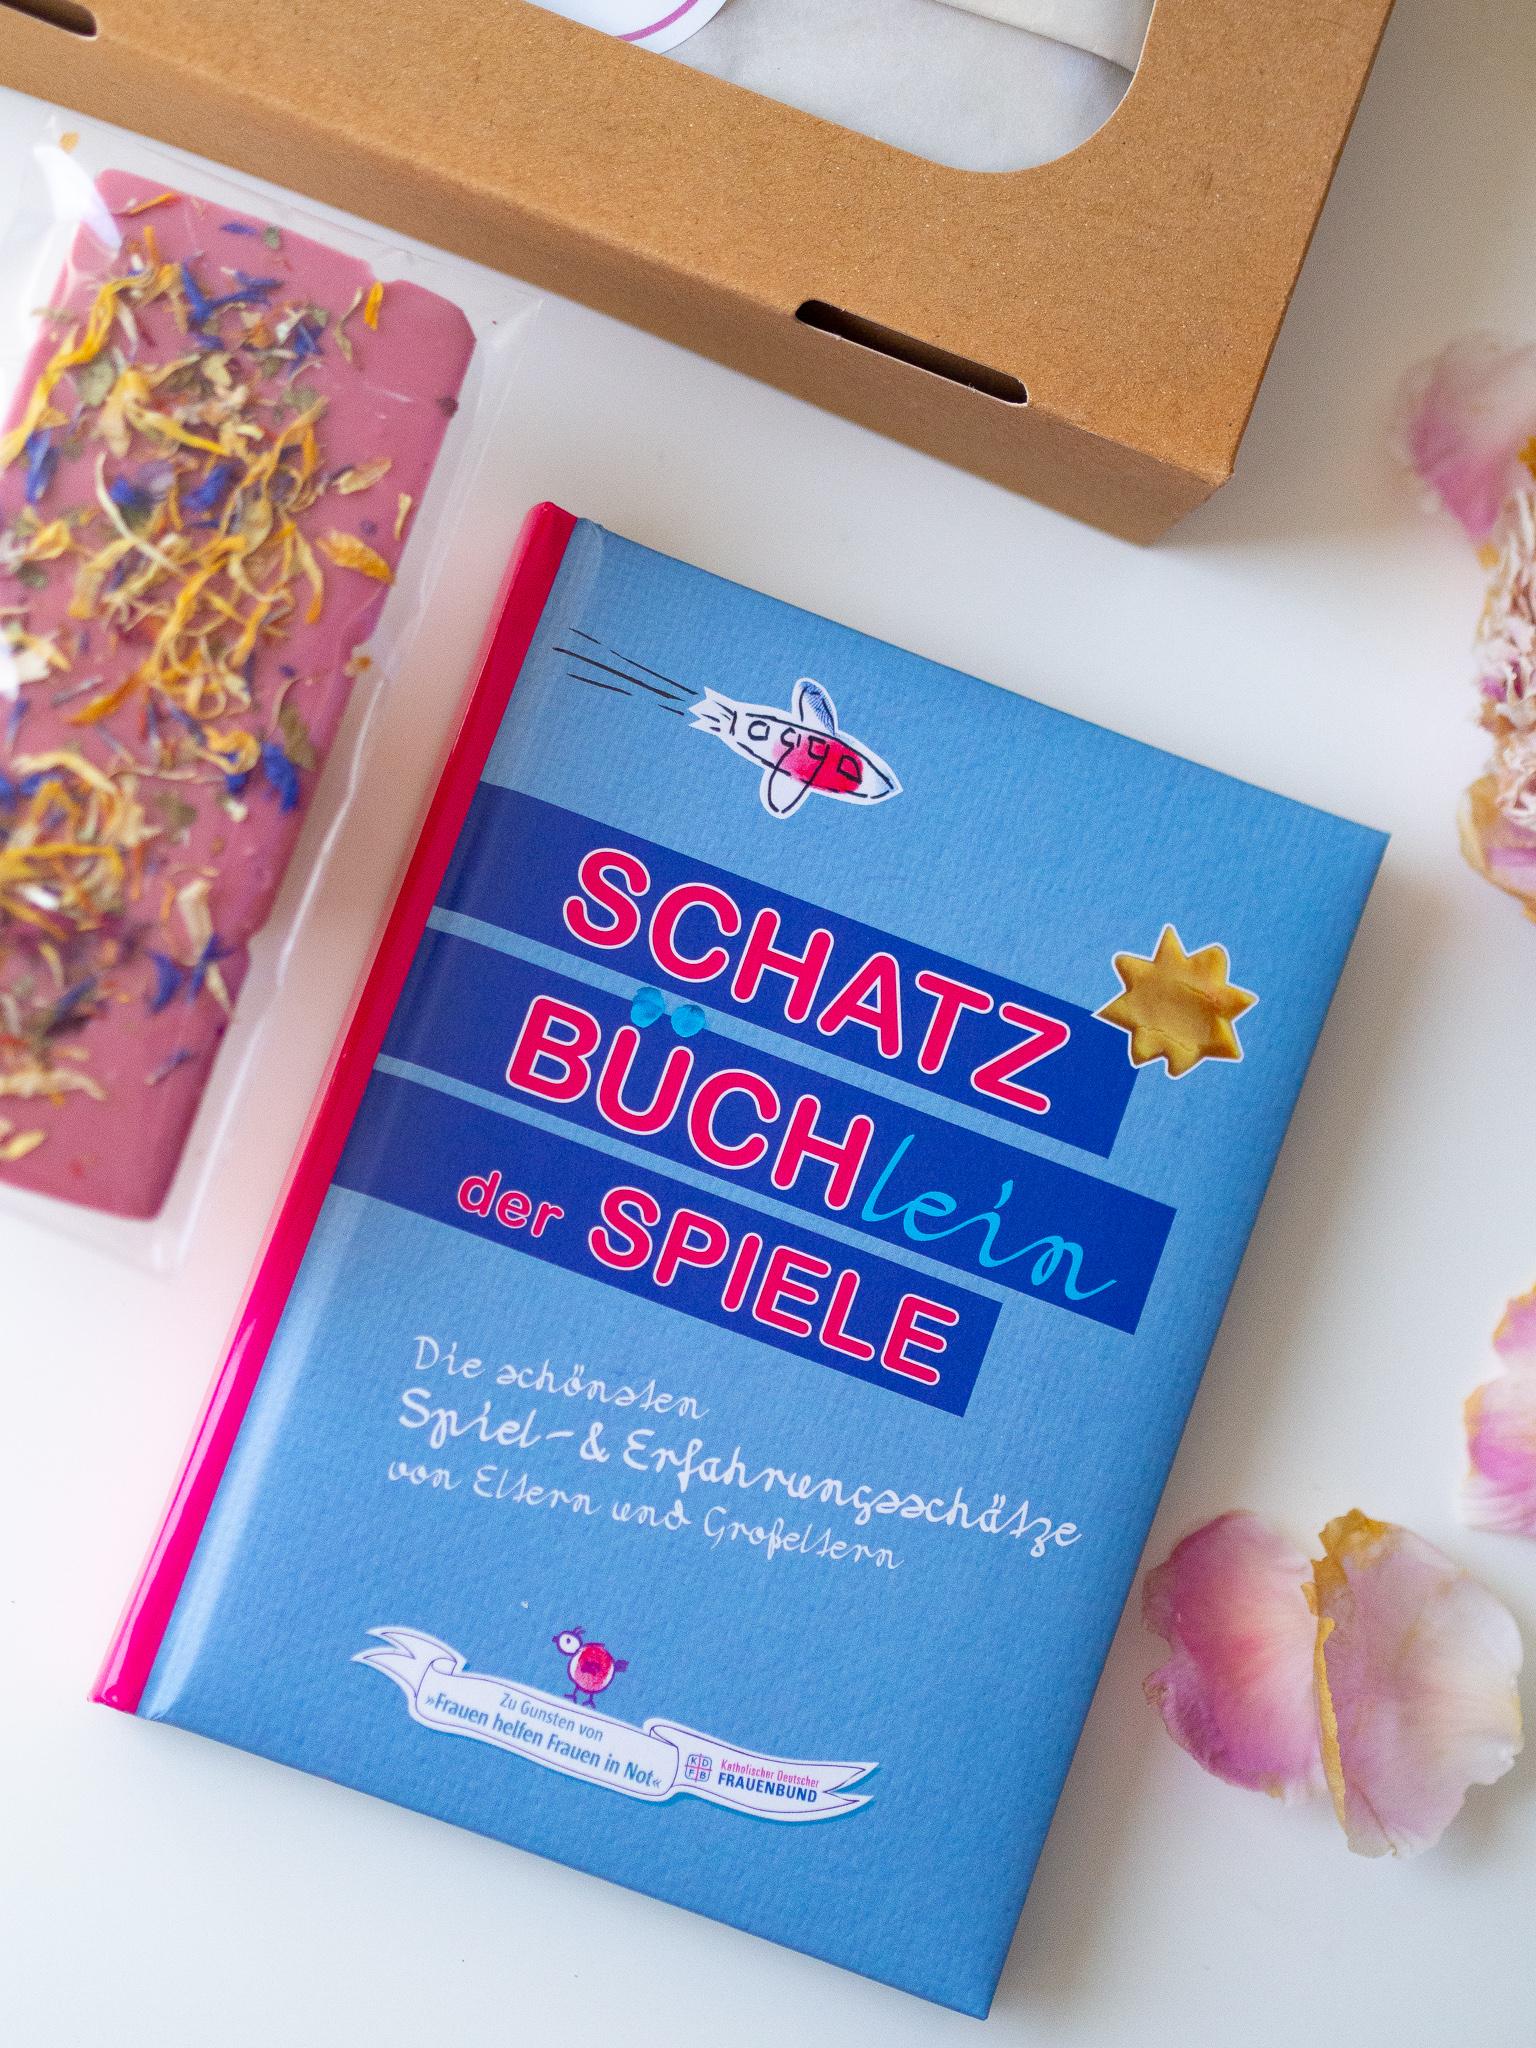 CHARITY - Die Schatzbüchlein Box der Spiele